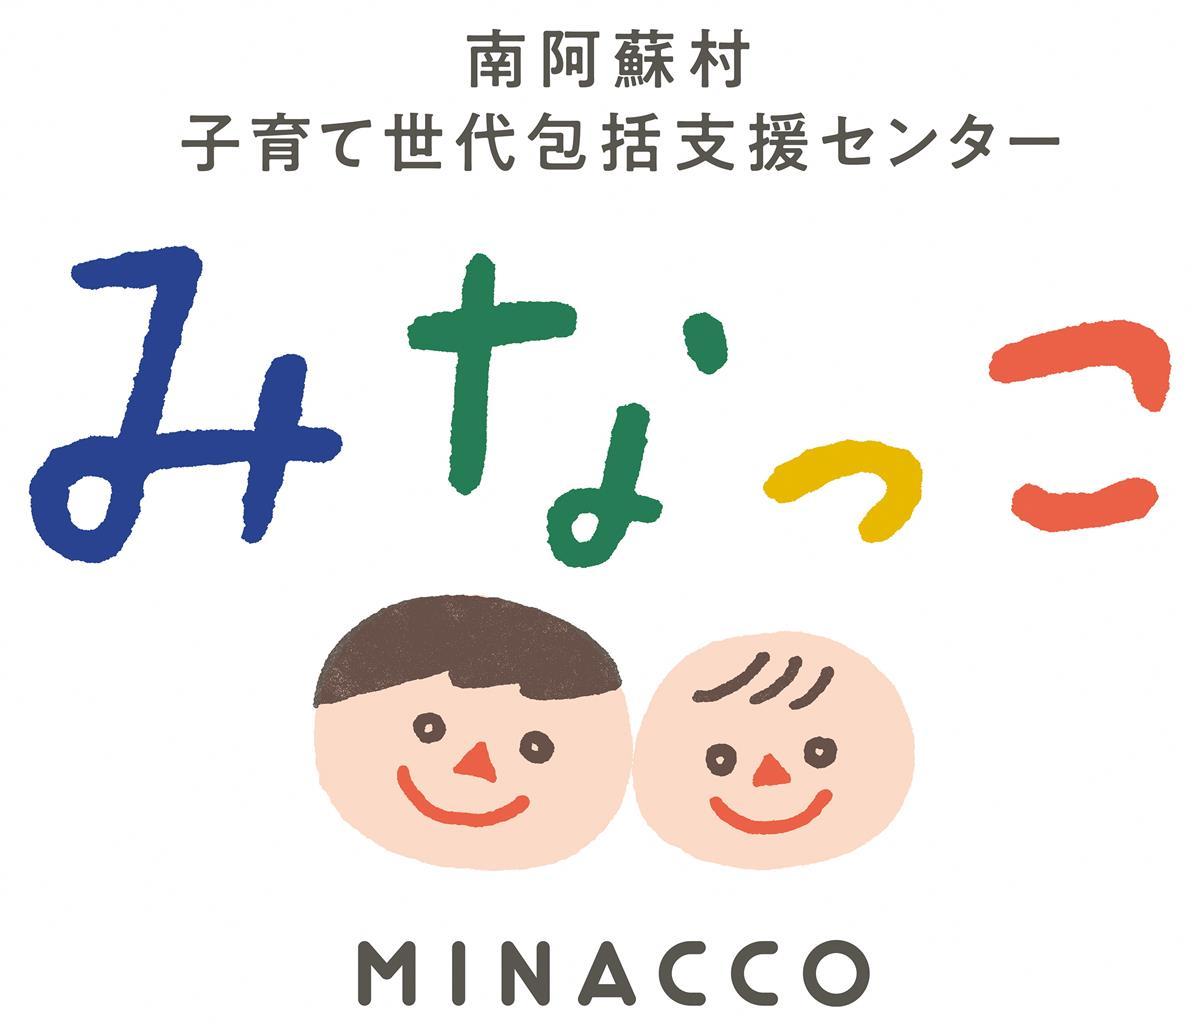 子育て世代包括支援センター「みなっこ」ロゴの画像